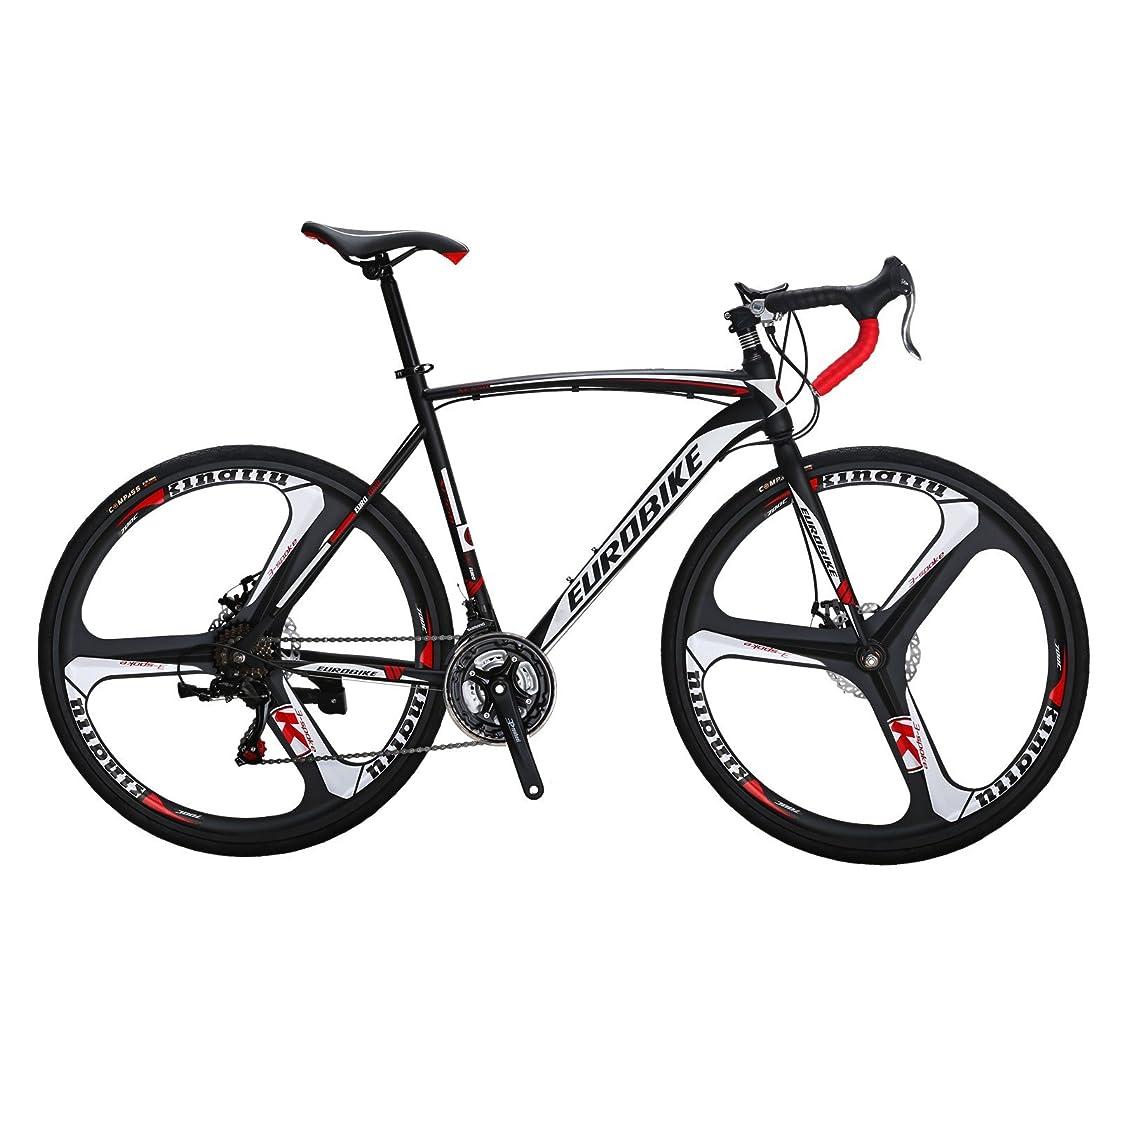 ロッジ背が高い神ロードバイク EUROBIKE XC550 自転車 700C 変速シマノ21速 ディスクブレーキ 3つのスポークのラウンド 通学 自転車 通勤自転車